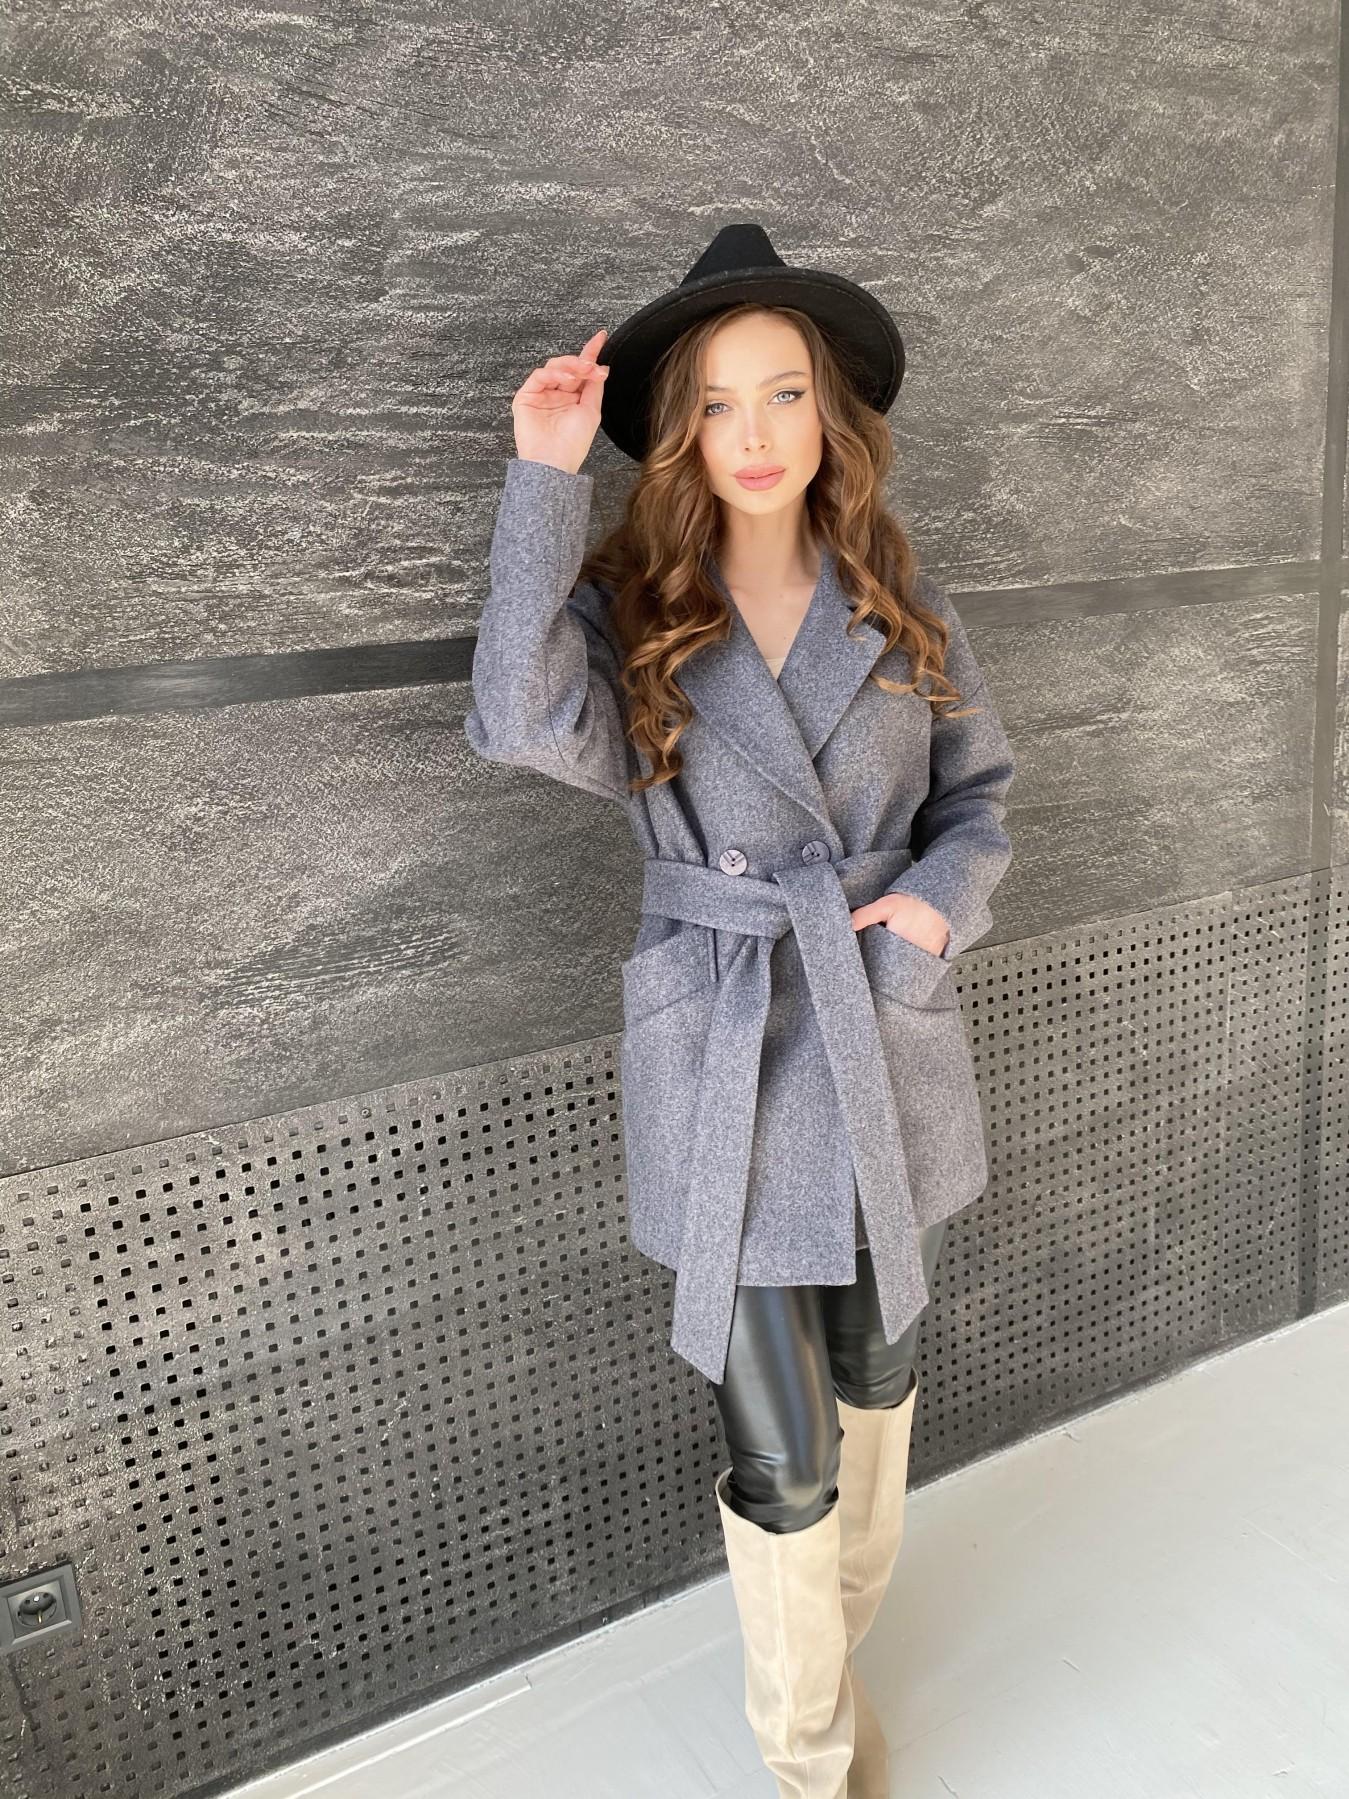 Бонд пальто  кашемировое меланж на трикотаже  10644 АРТ. 47182 Цвет: графит меланж - фото 2, интернет магазин tm-modus.ru